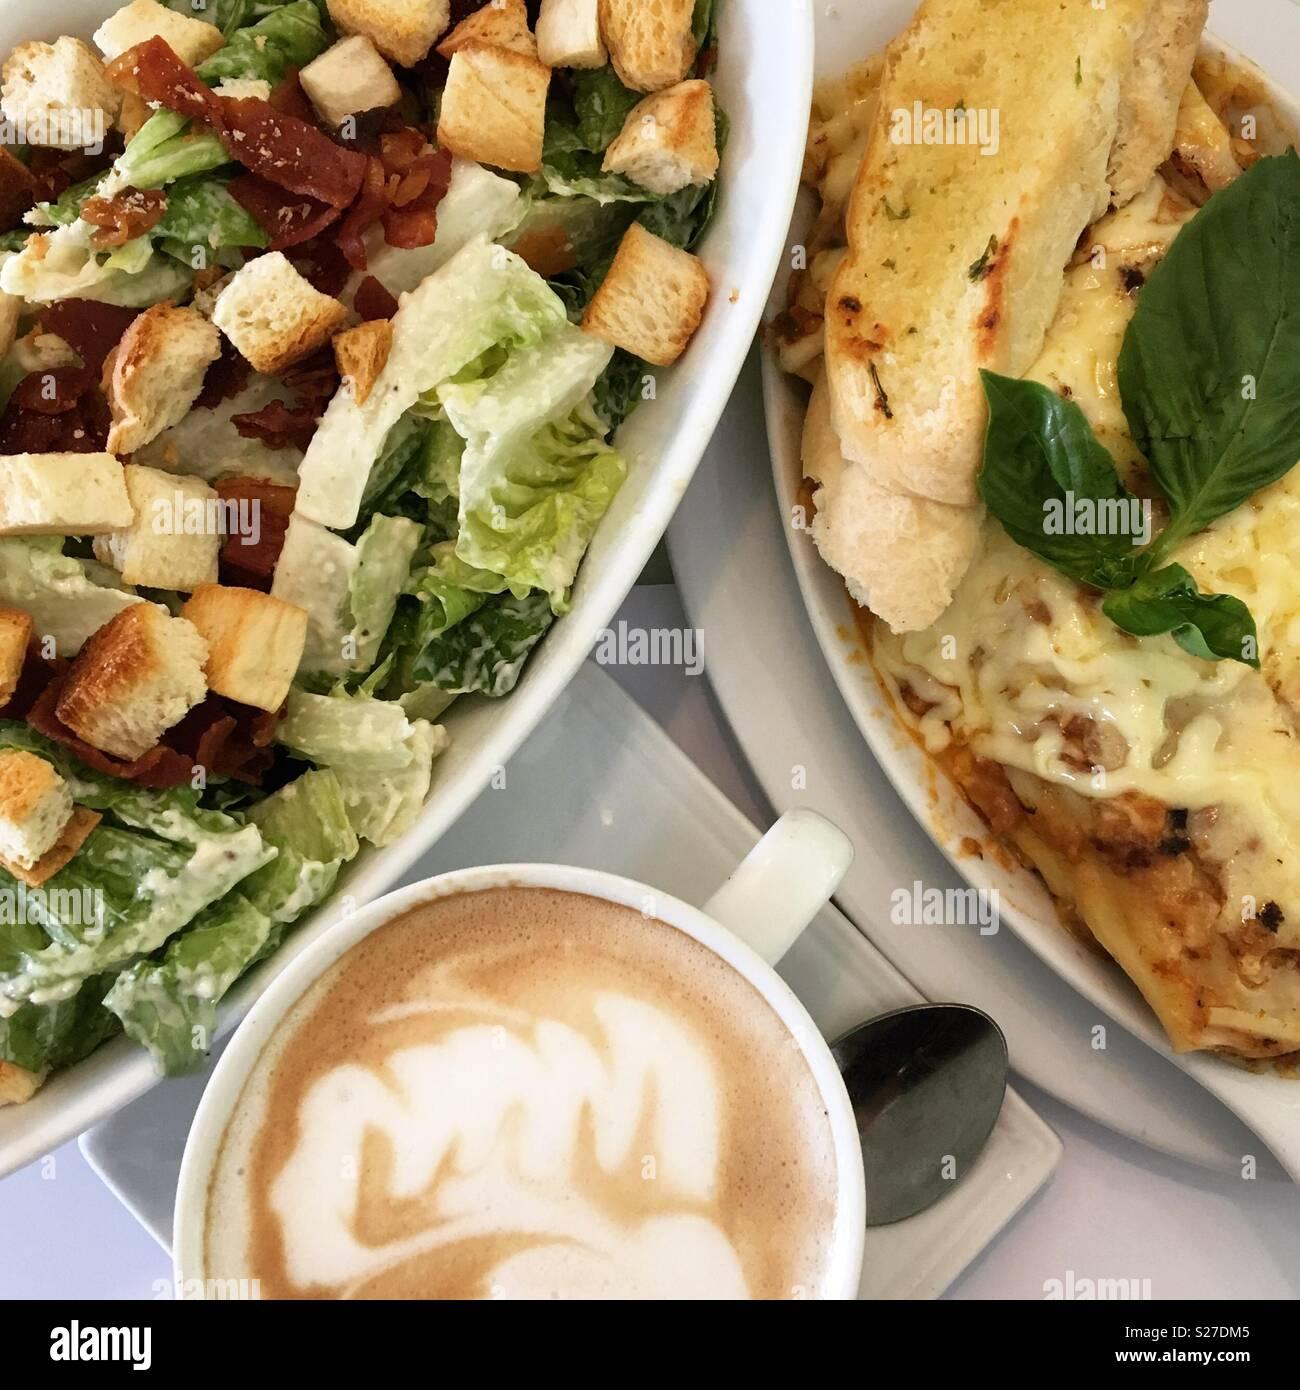 Ensalada César. Lasaña. Café moca. Delicioso! 👌 Imagen De Stock